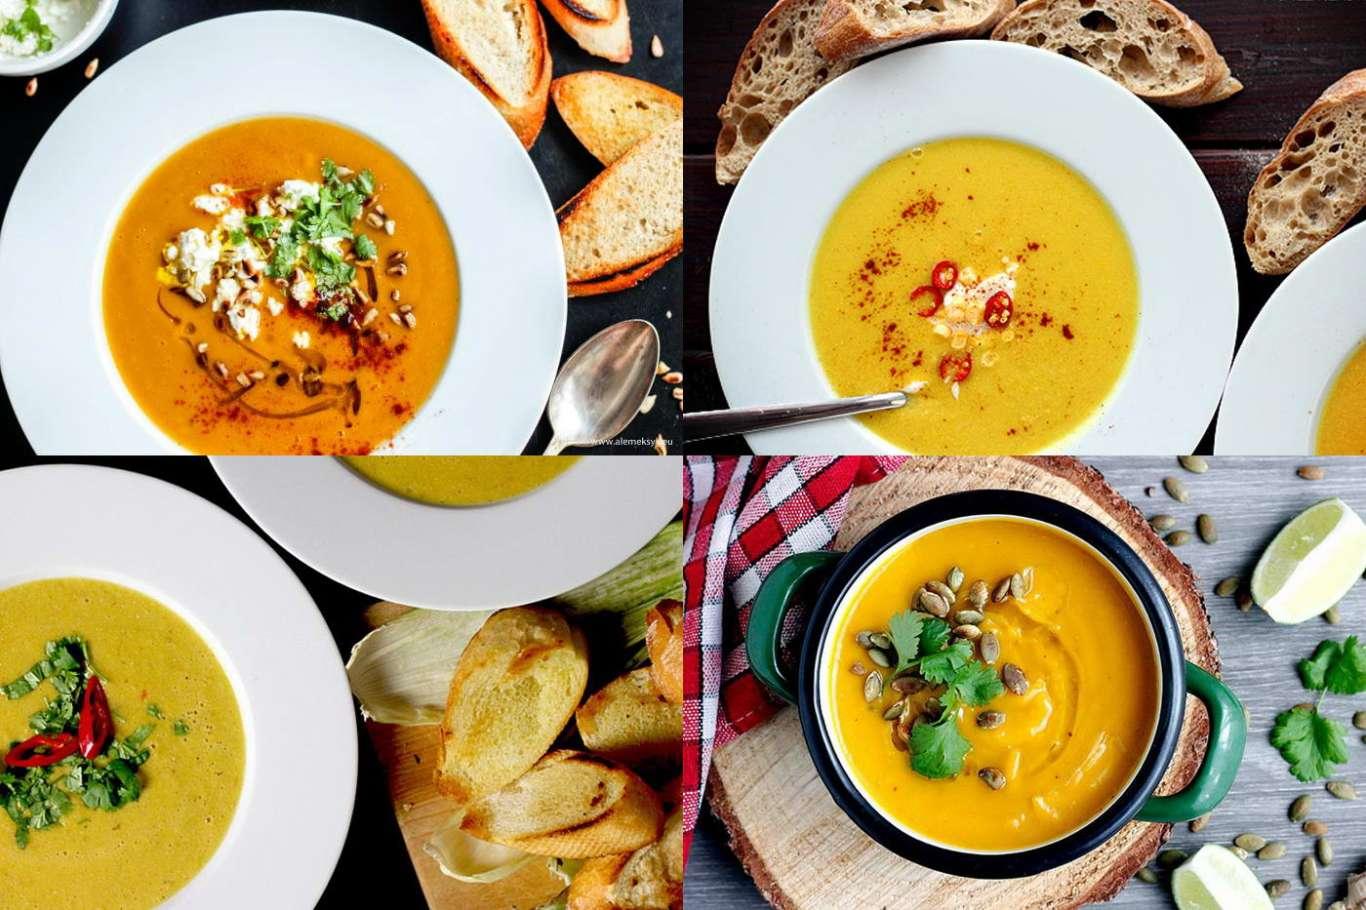 5 pomysłów na jesienne zupy i kremy - nasze najlepsze sezonowe przepisy